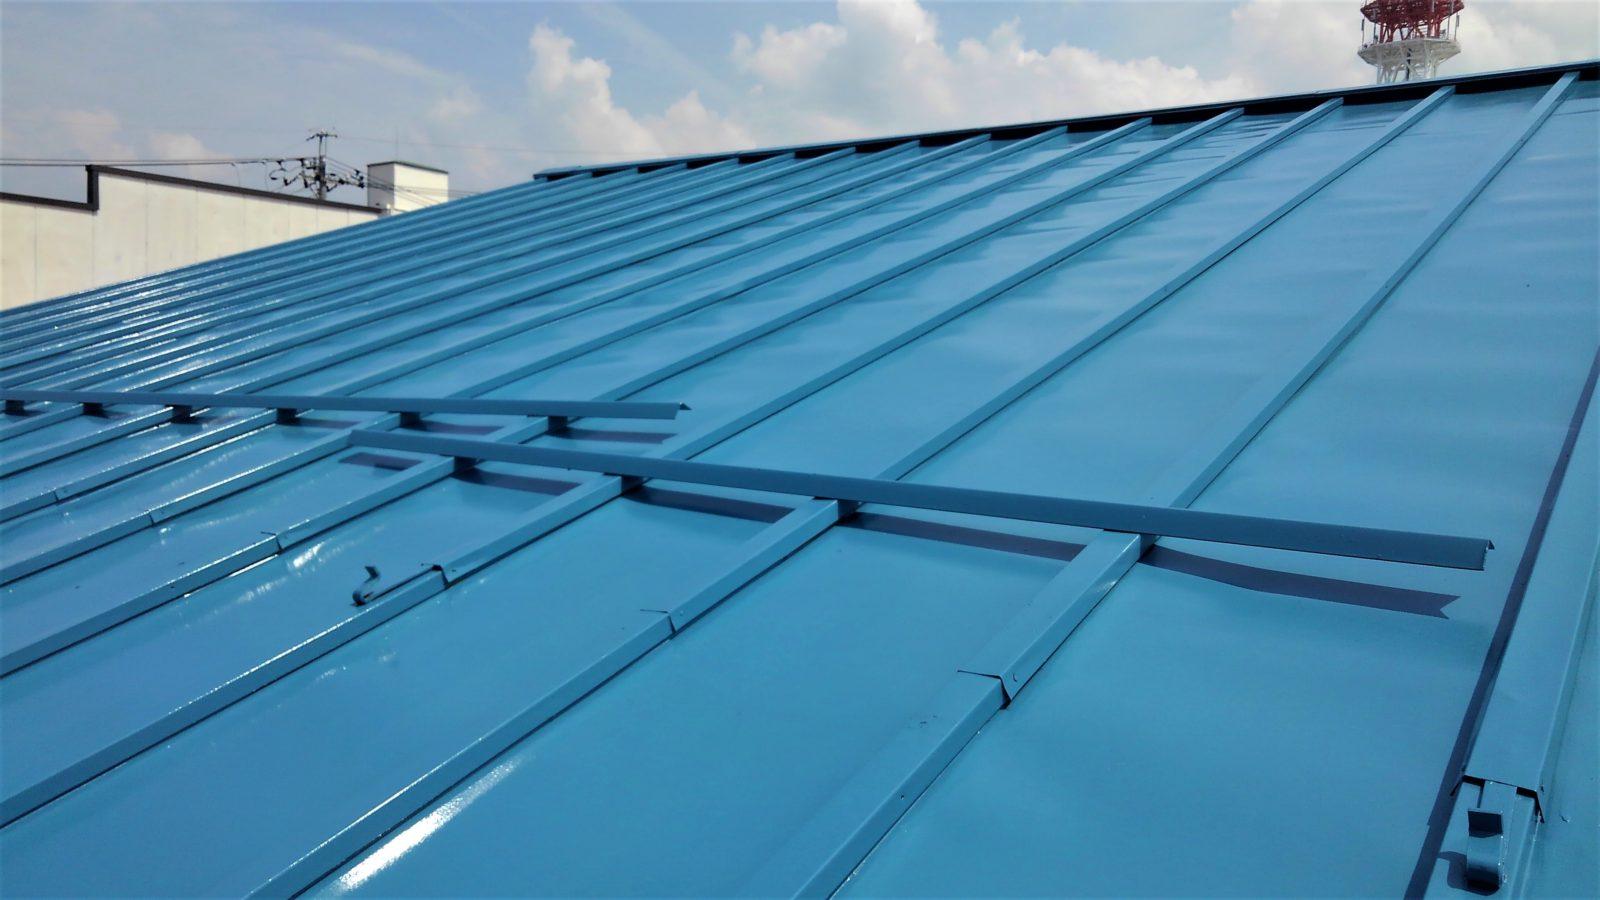 塗膜の劣化要因である紫外線に対して強い耐候性を発揮します。